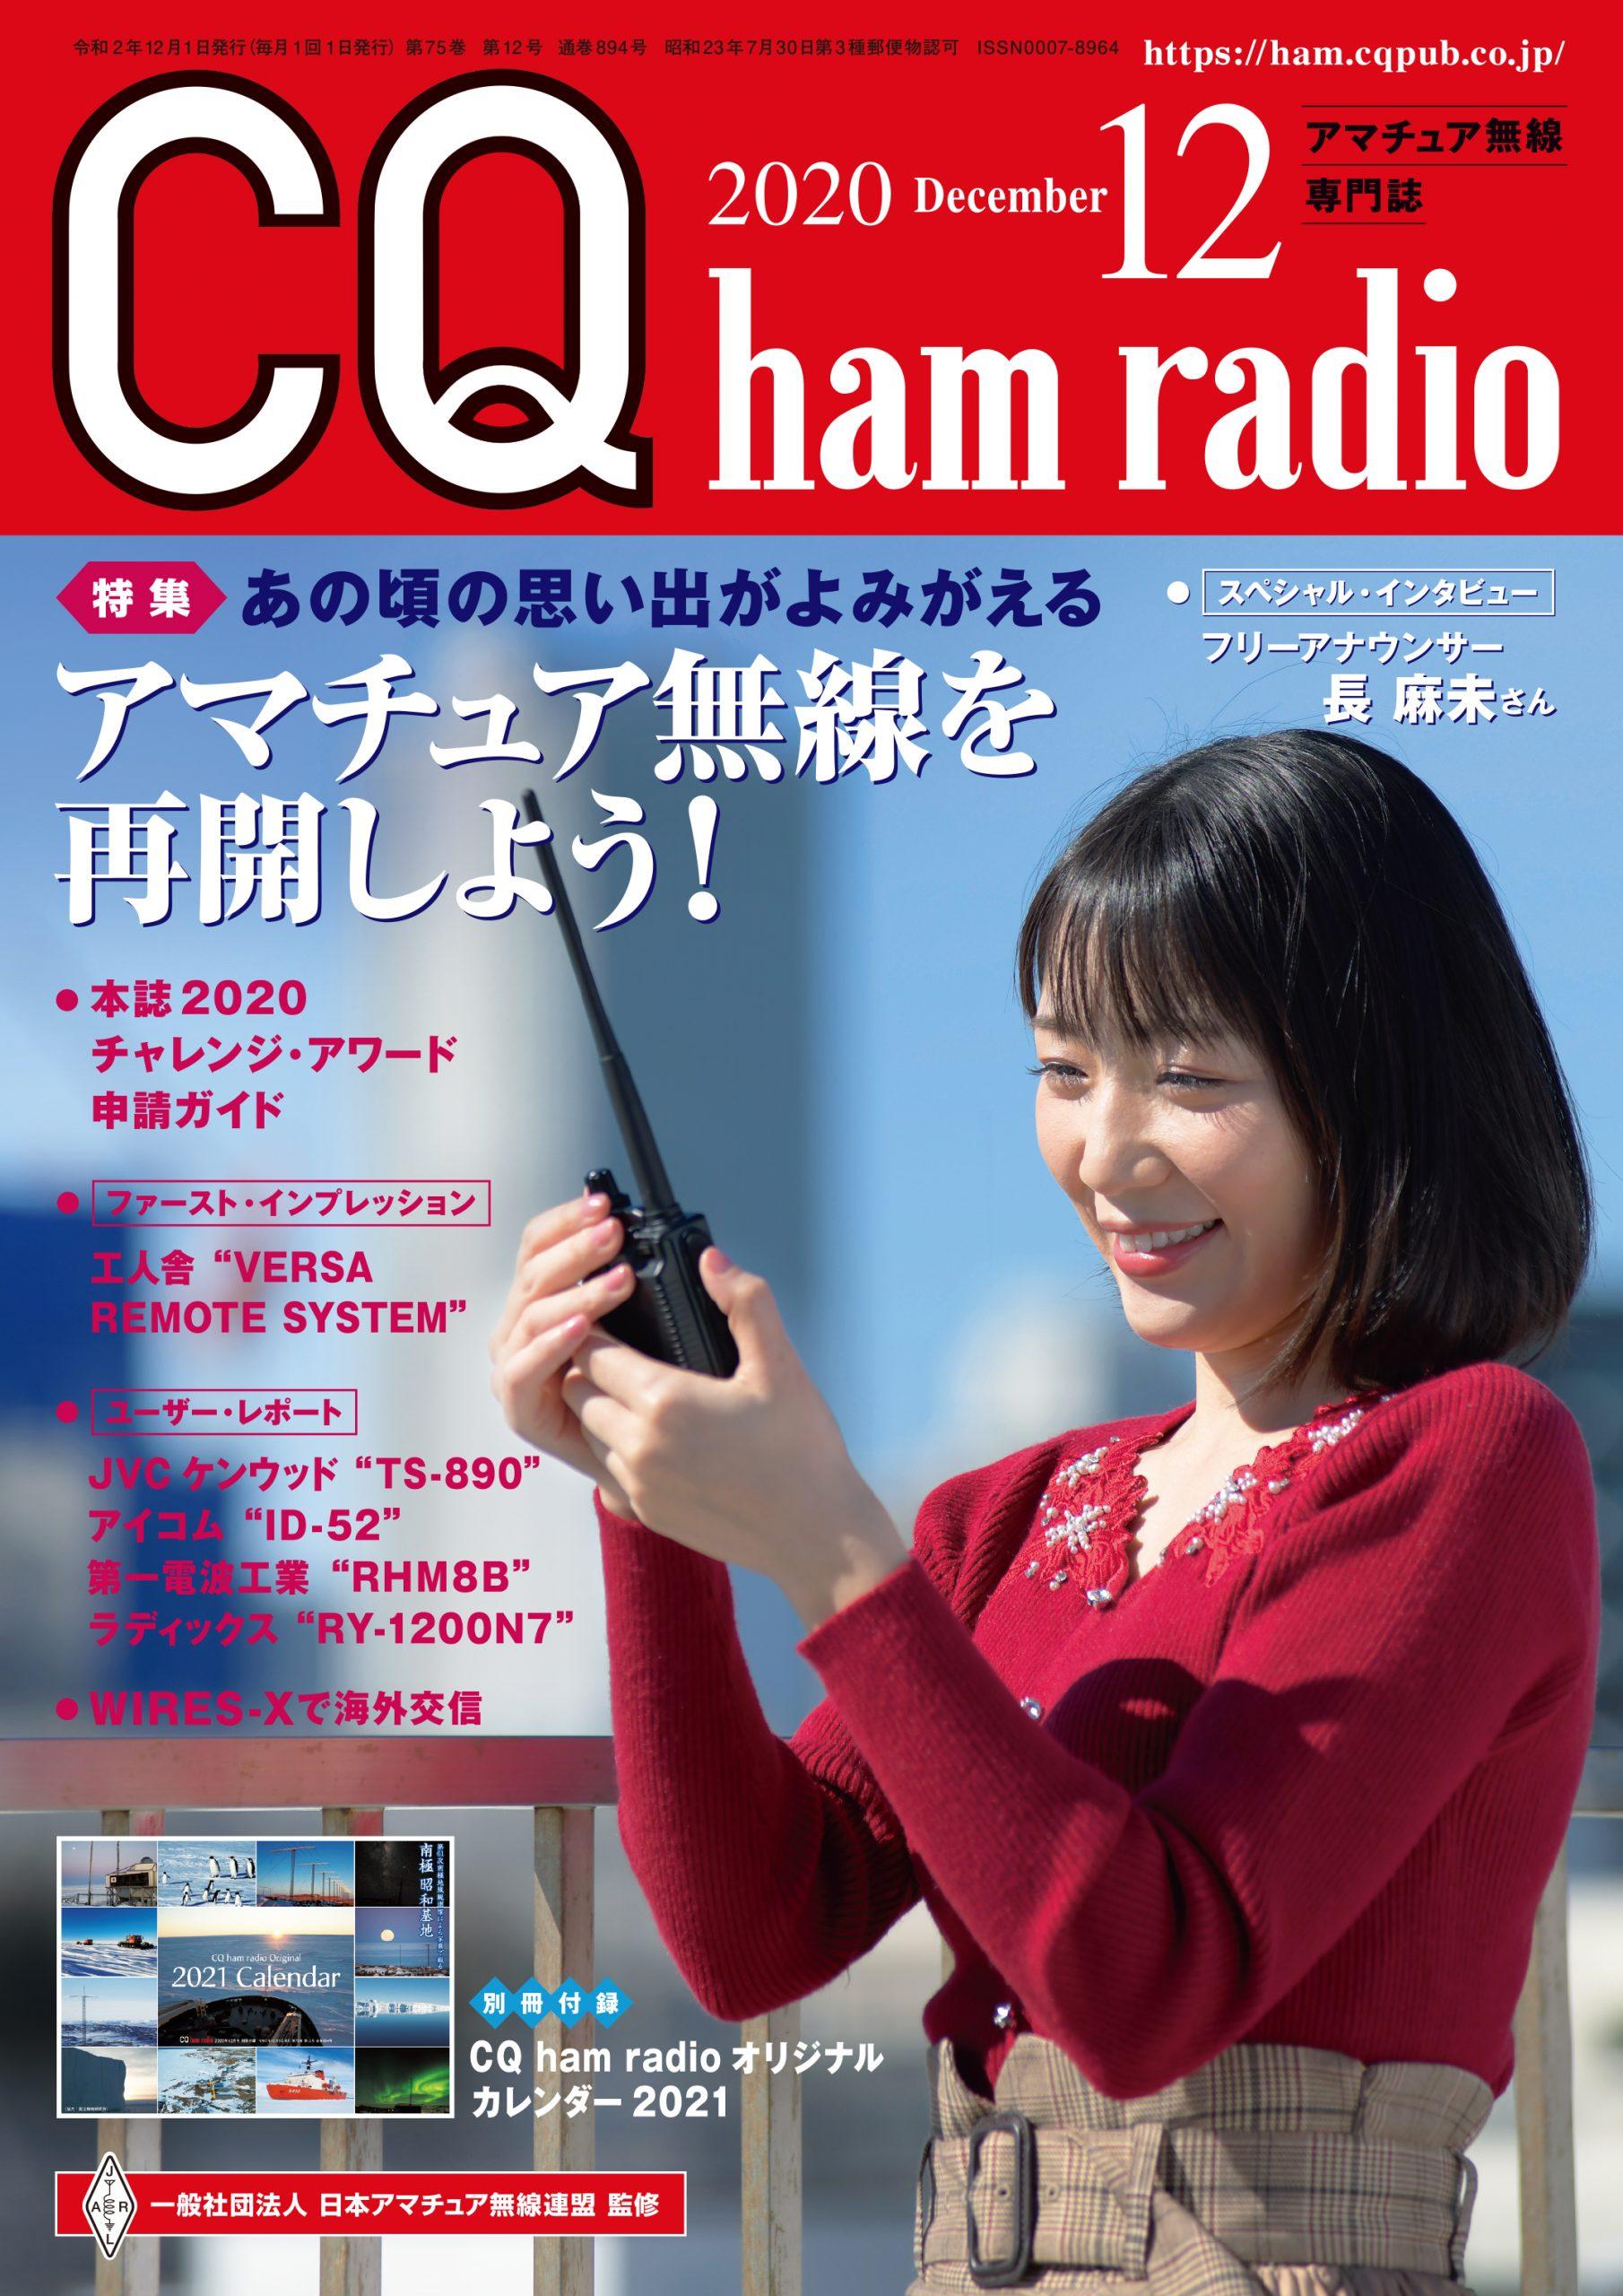 CQ ham radio 2020年12月号